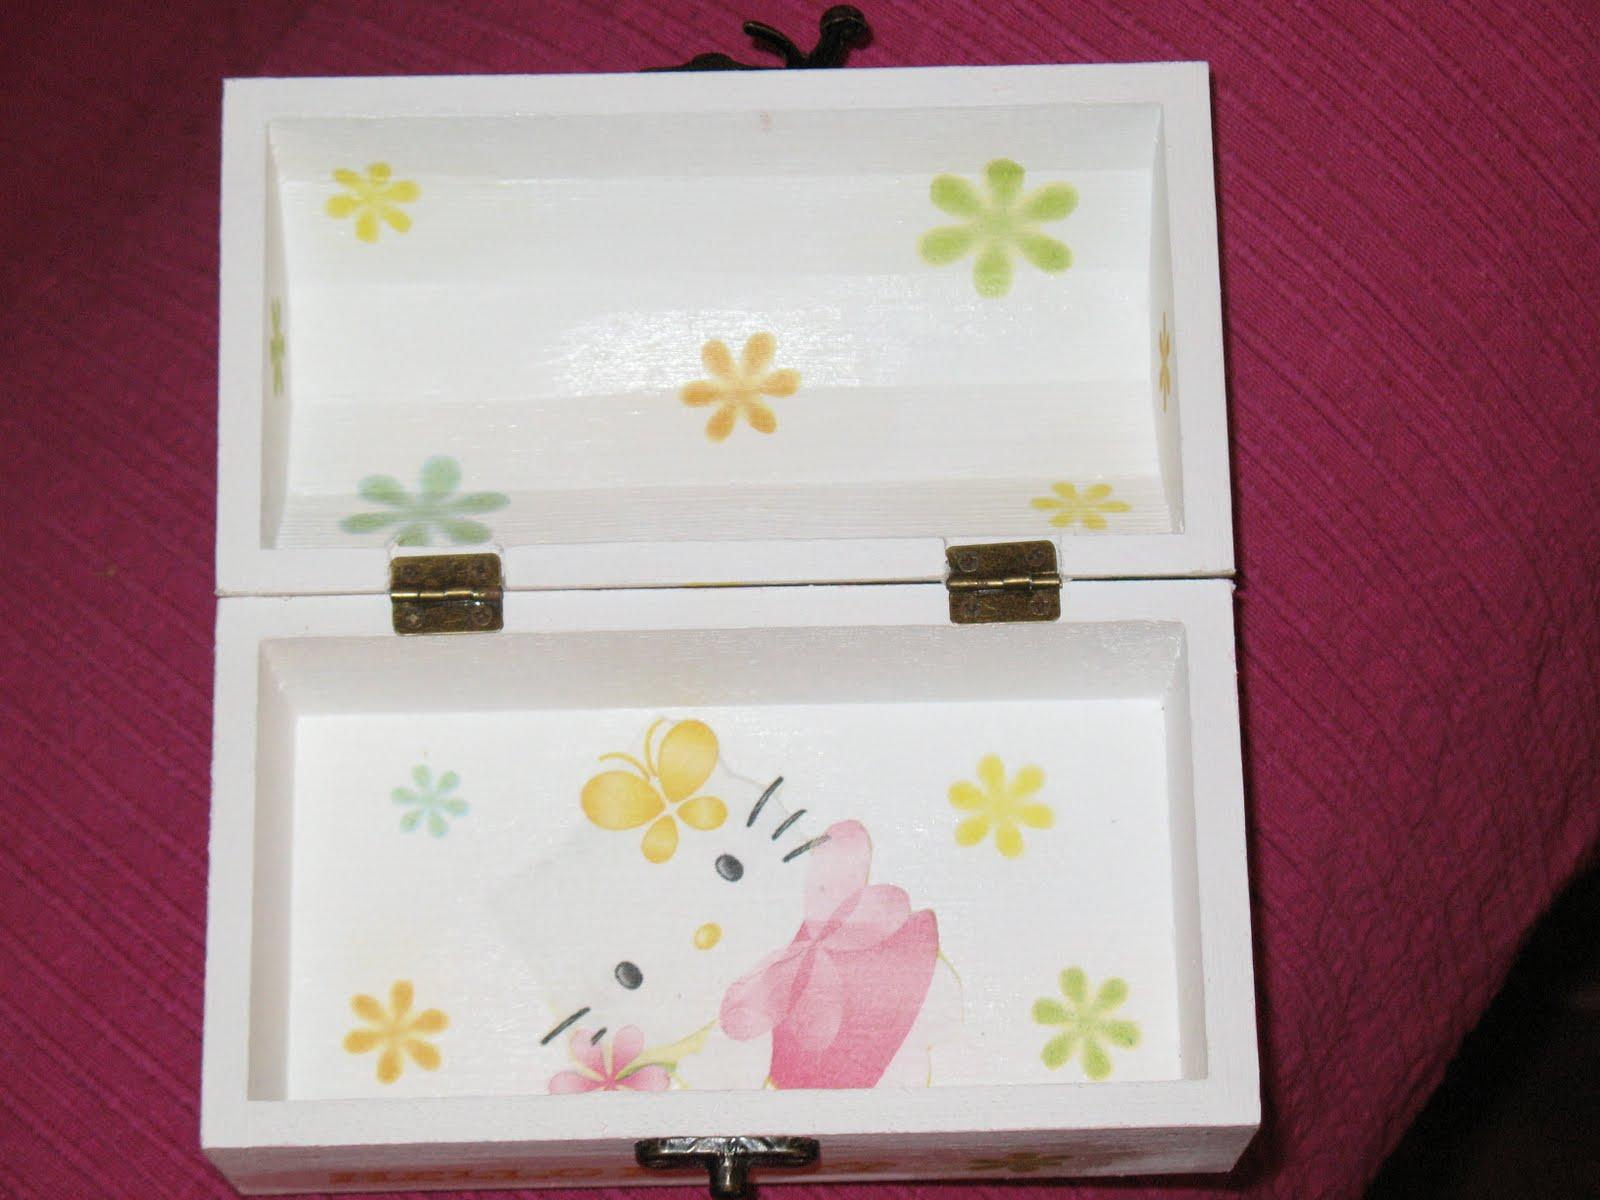 meu Hobby: Caixas de madeira em forma de Arca/Baú #702439 1600x1200